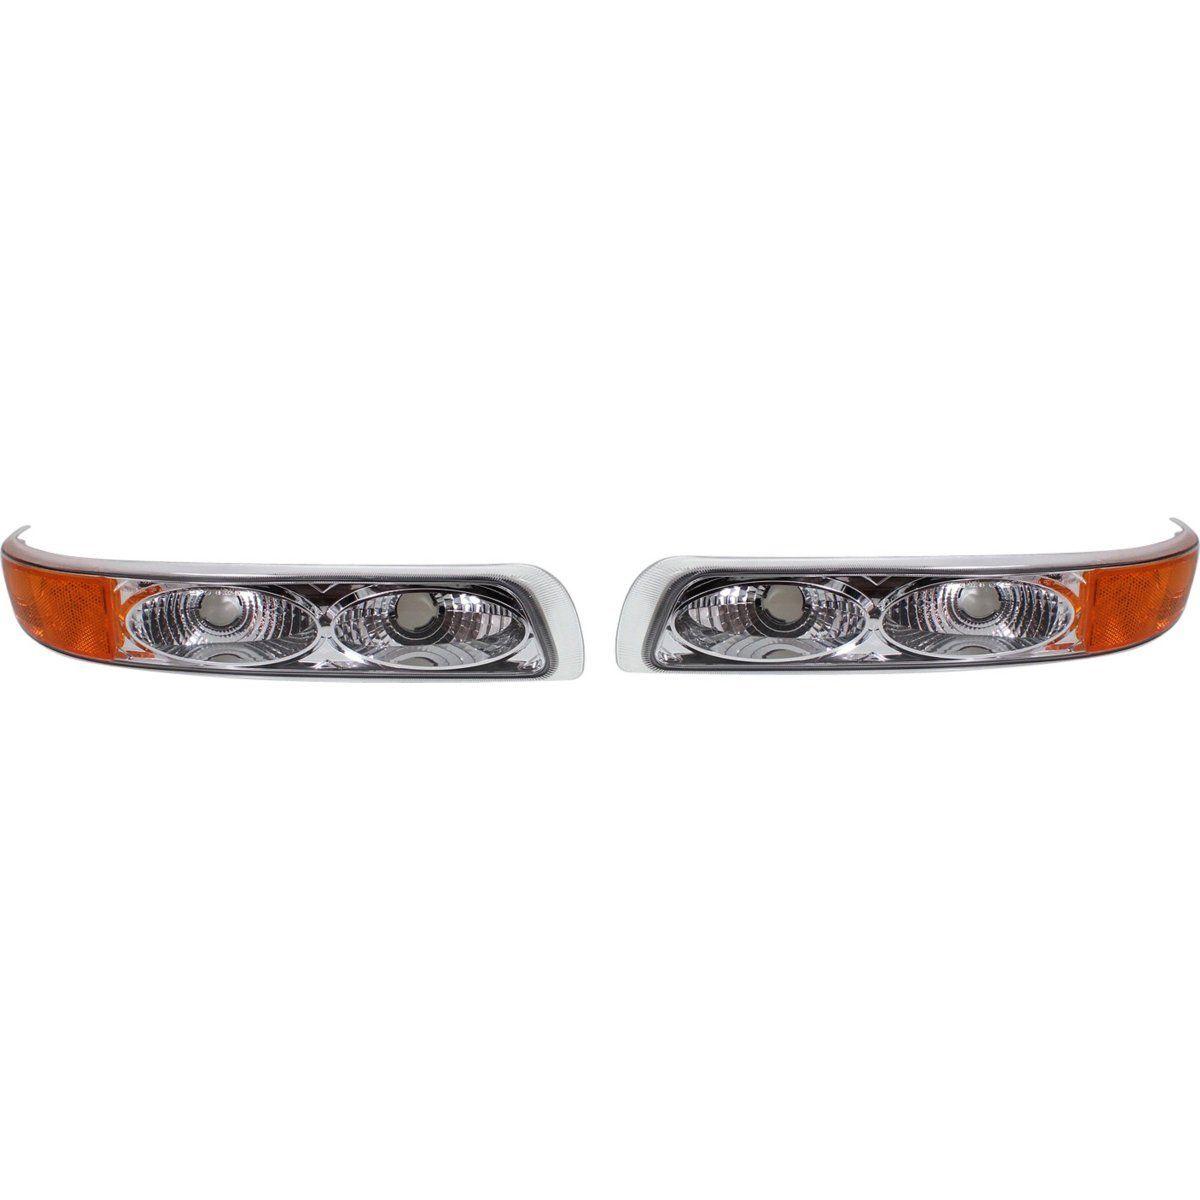 コーナーライト Custom Parking Light For 99-2002 Chevrolet Silverado 1500 w/ chrome trim LH & RH 99-2002用のカスタムパーキングライトChevrolet Silverado 1500 w / chrome trim LH& RH